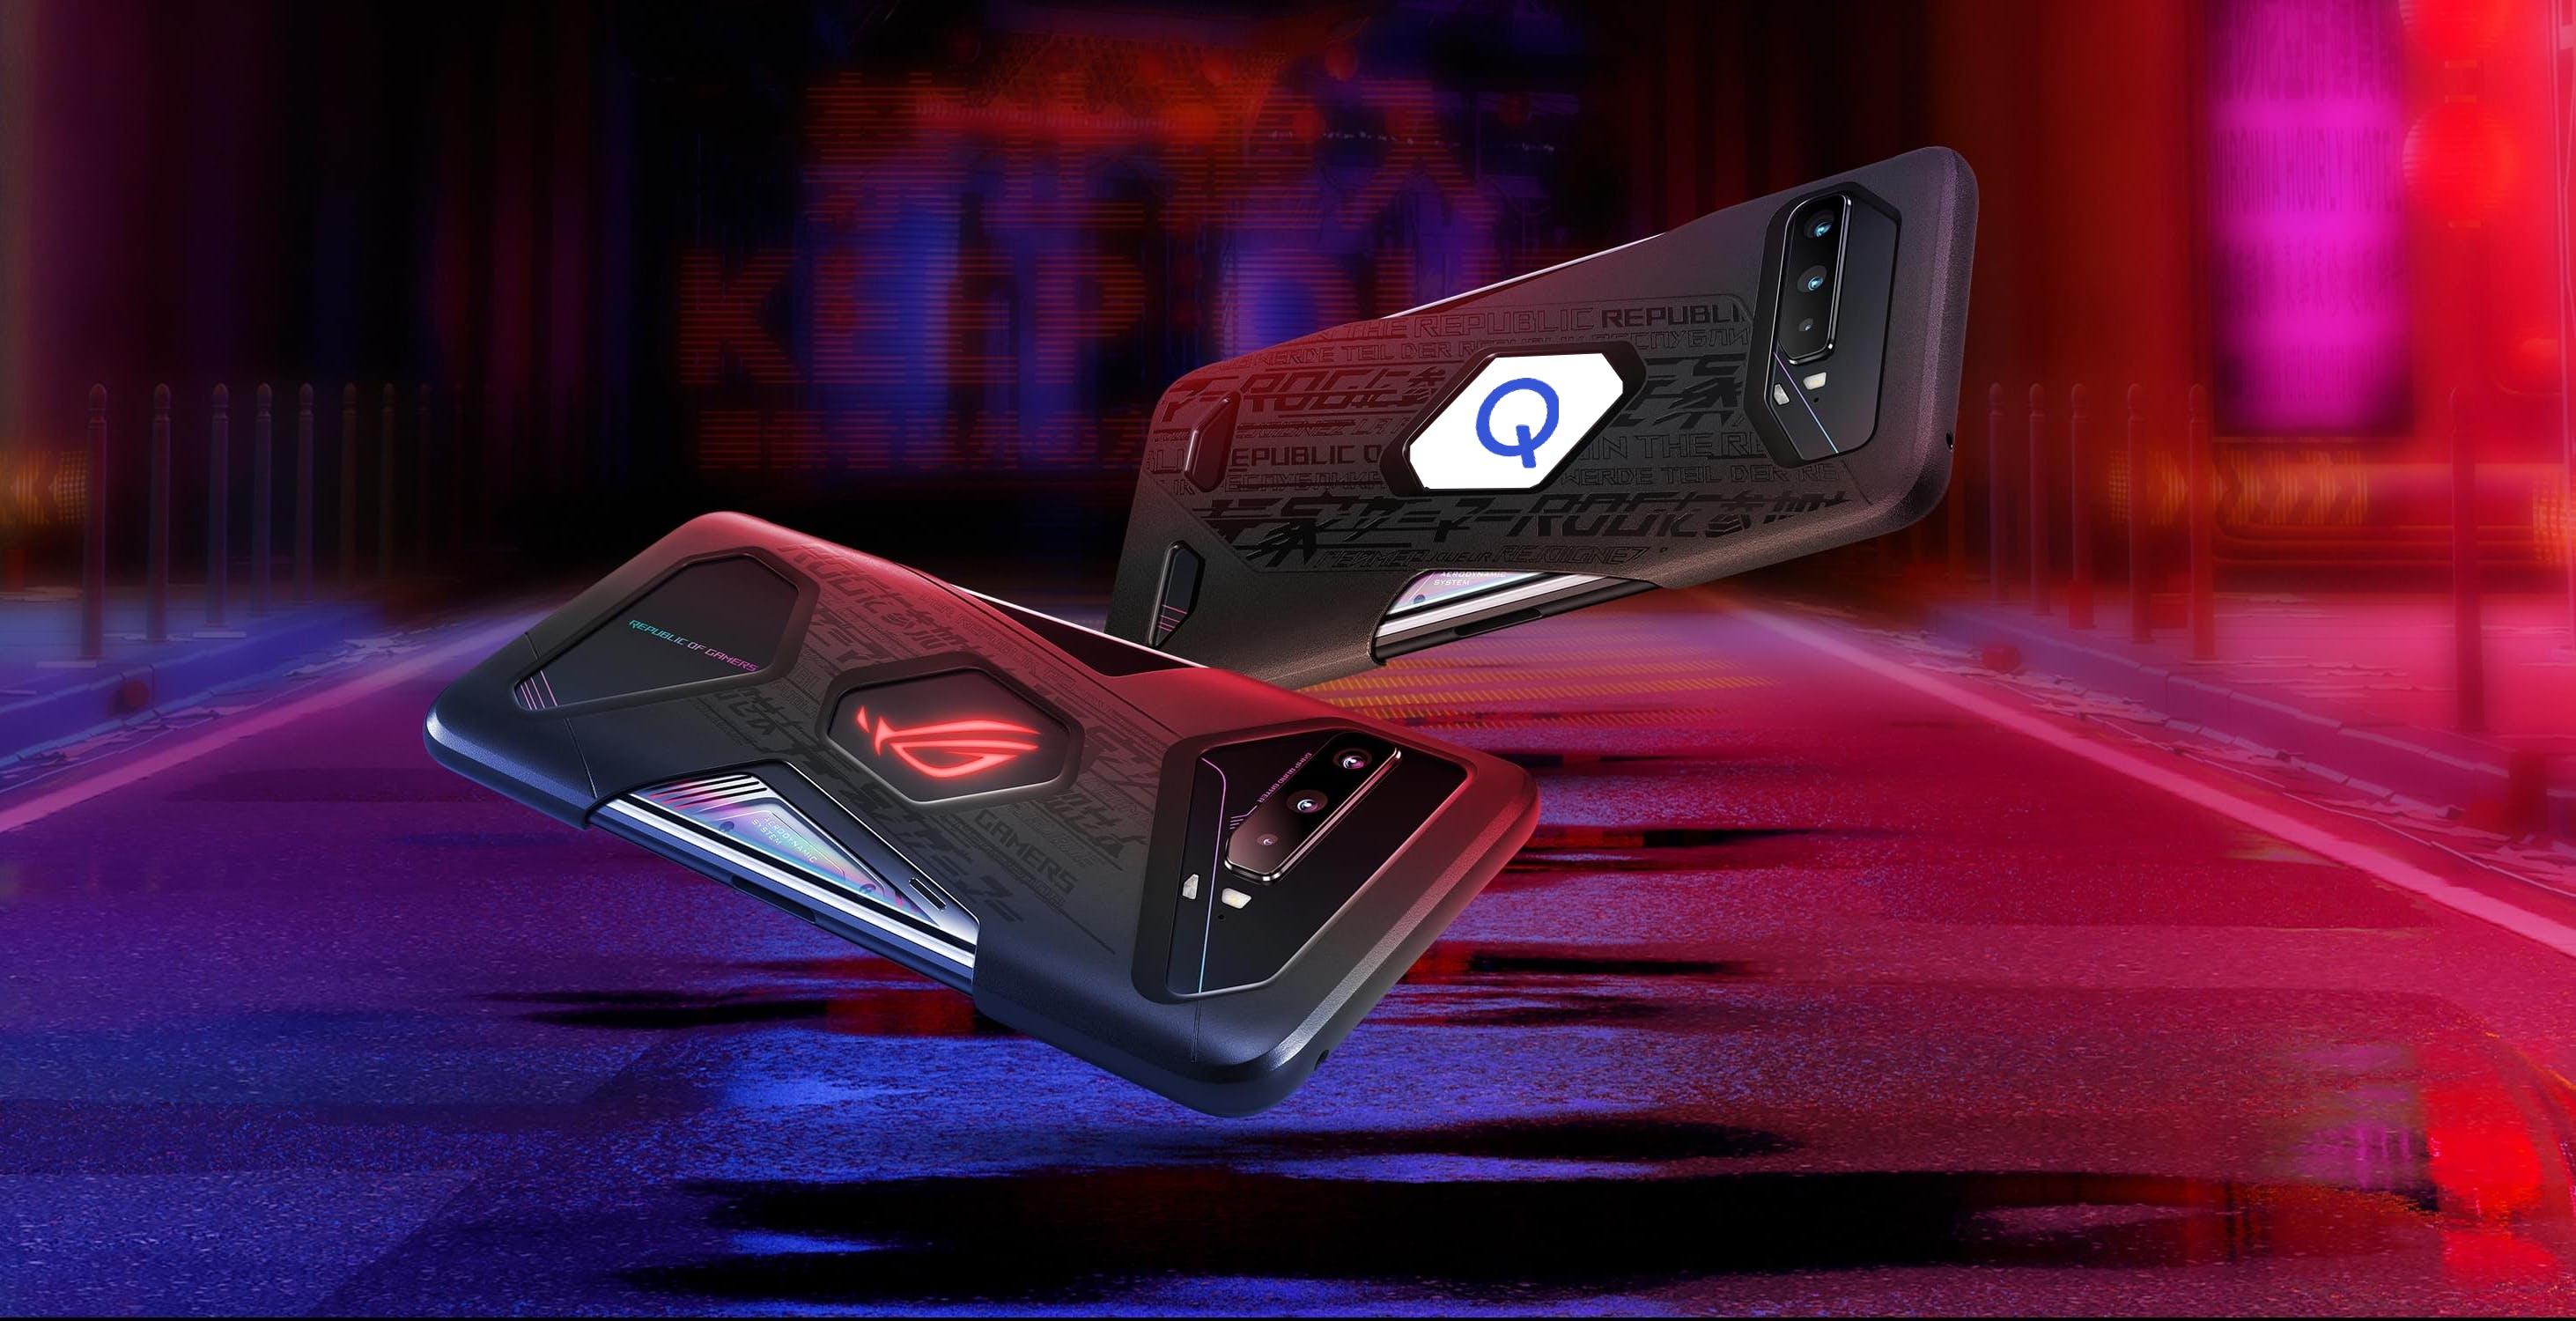 In arrivo il primo telefono a marchio Qualcomm. Sarà uno smartphone da gioco prodotto insieme a Asus